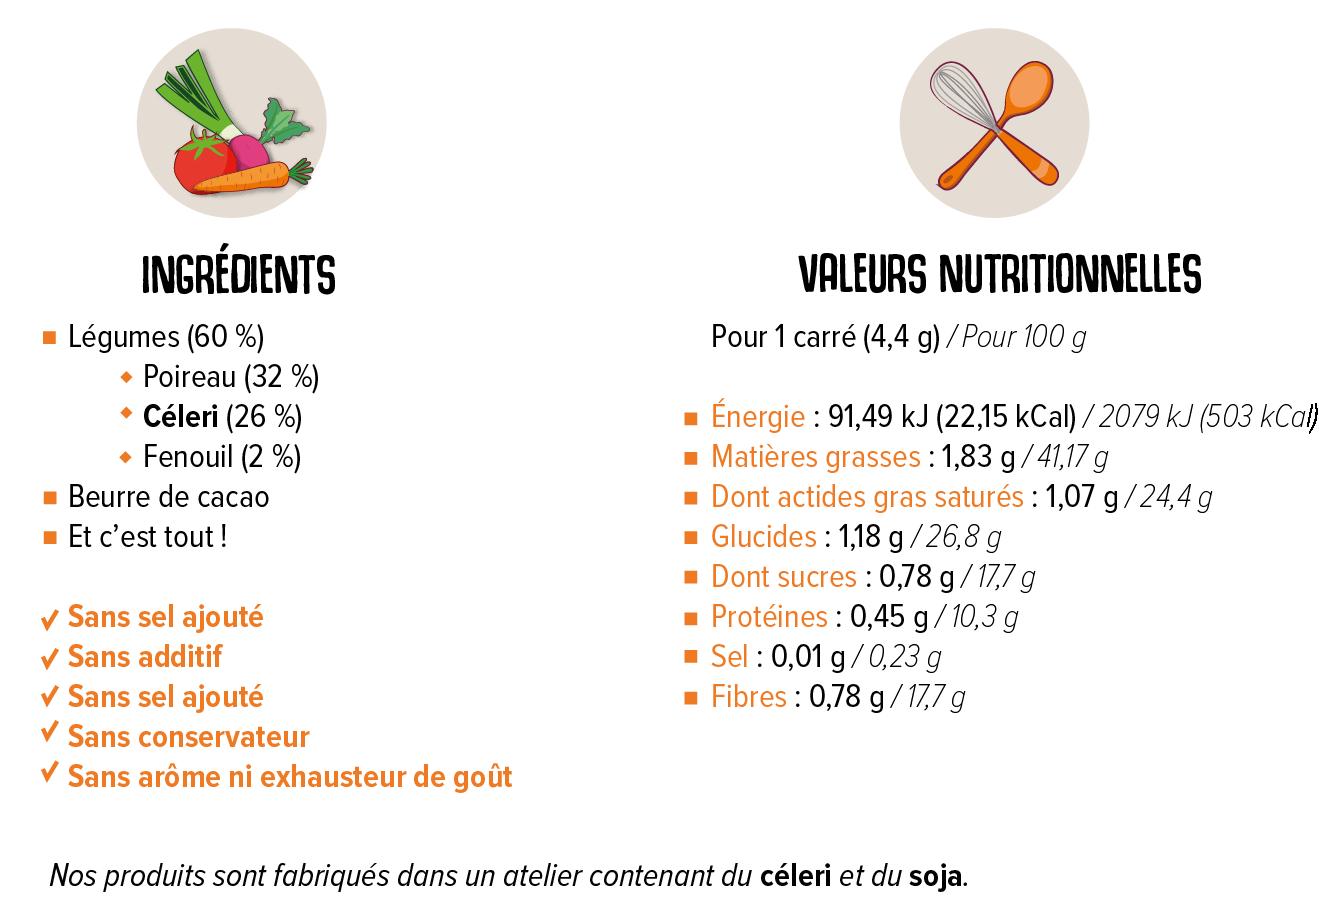 Valeurs nutritionnells et liste d'ingrédients de la tablette Poireau Céleri Fenouil